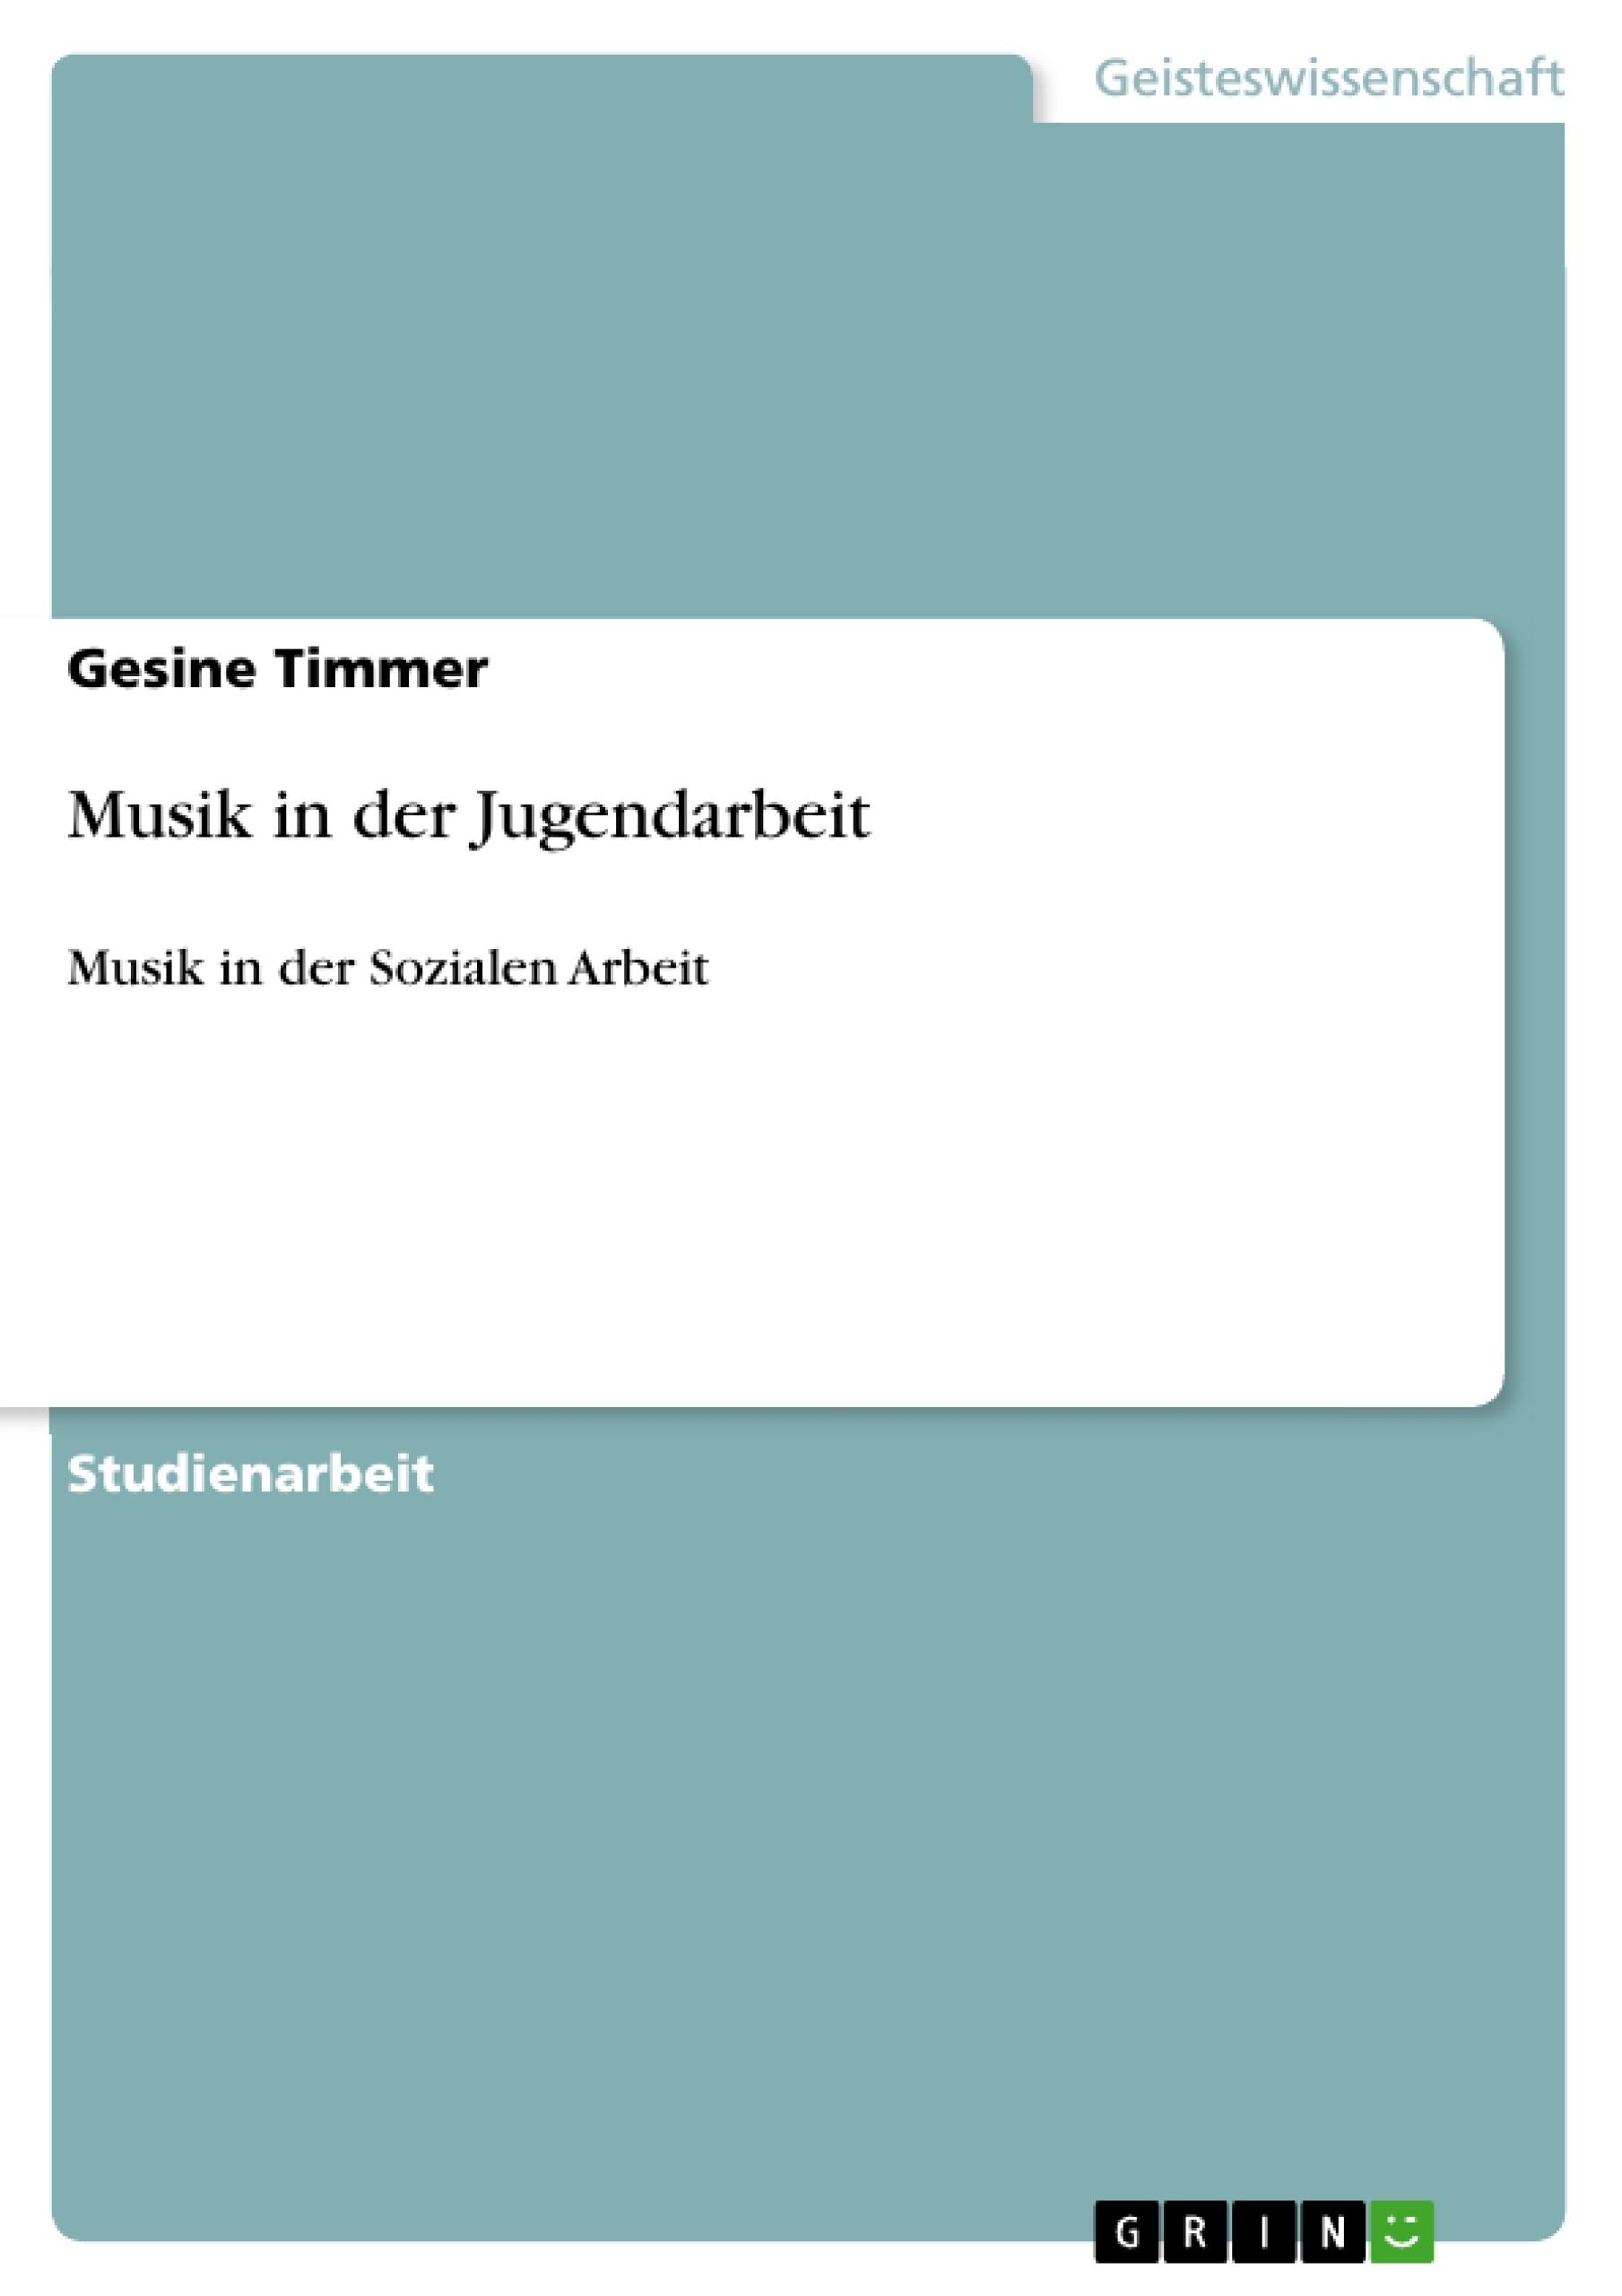 Titel: Musik in der Jugendarbeit